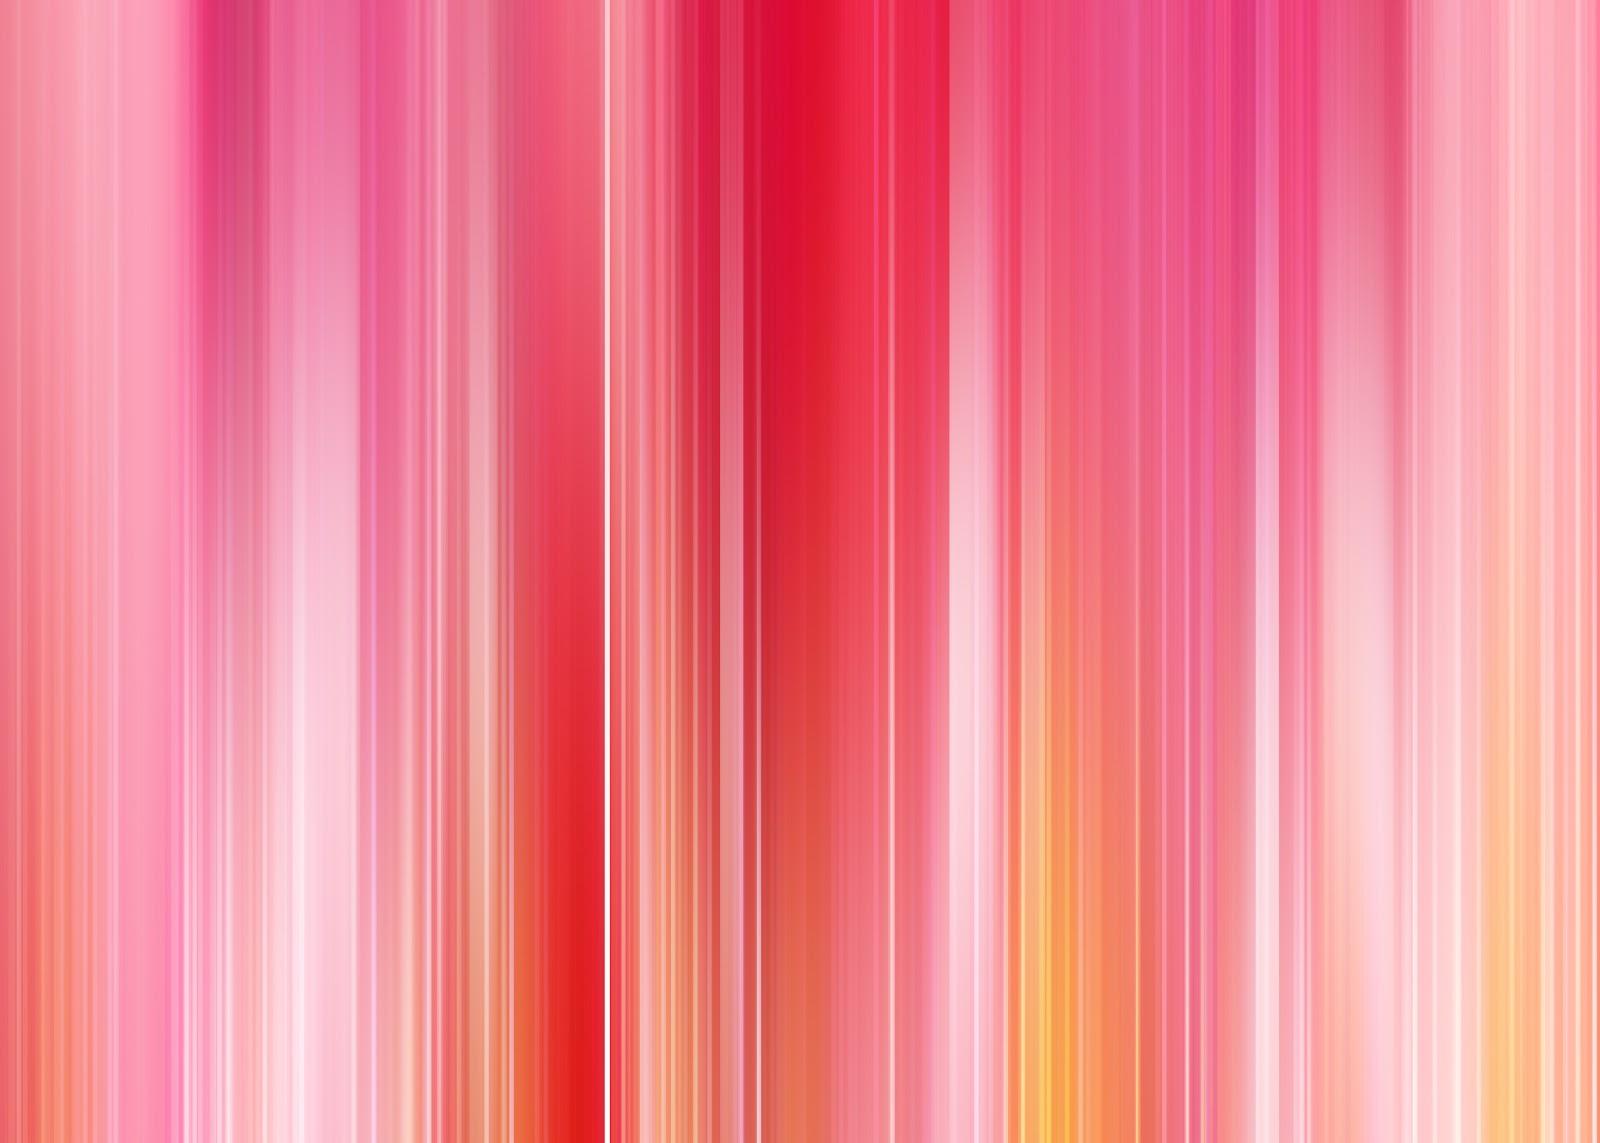 Wallpaper Tembok   All Facebook Wallpapers 1080p